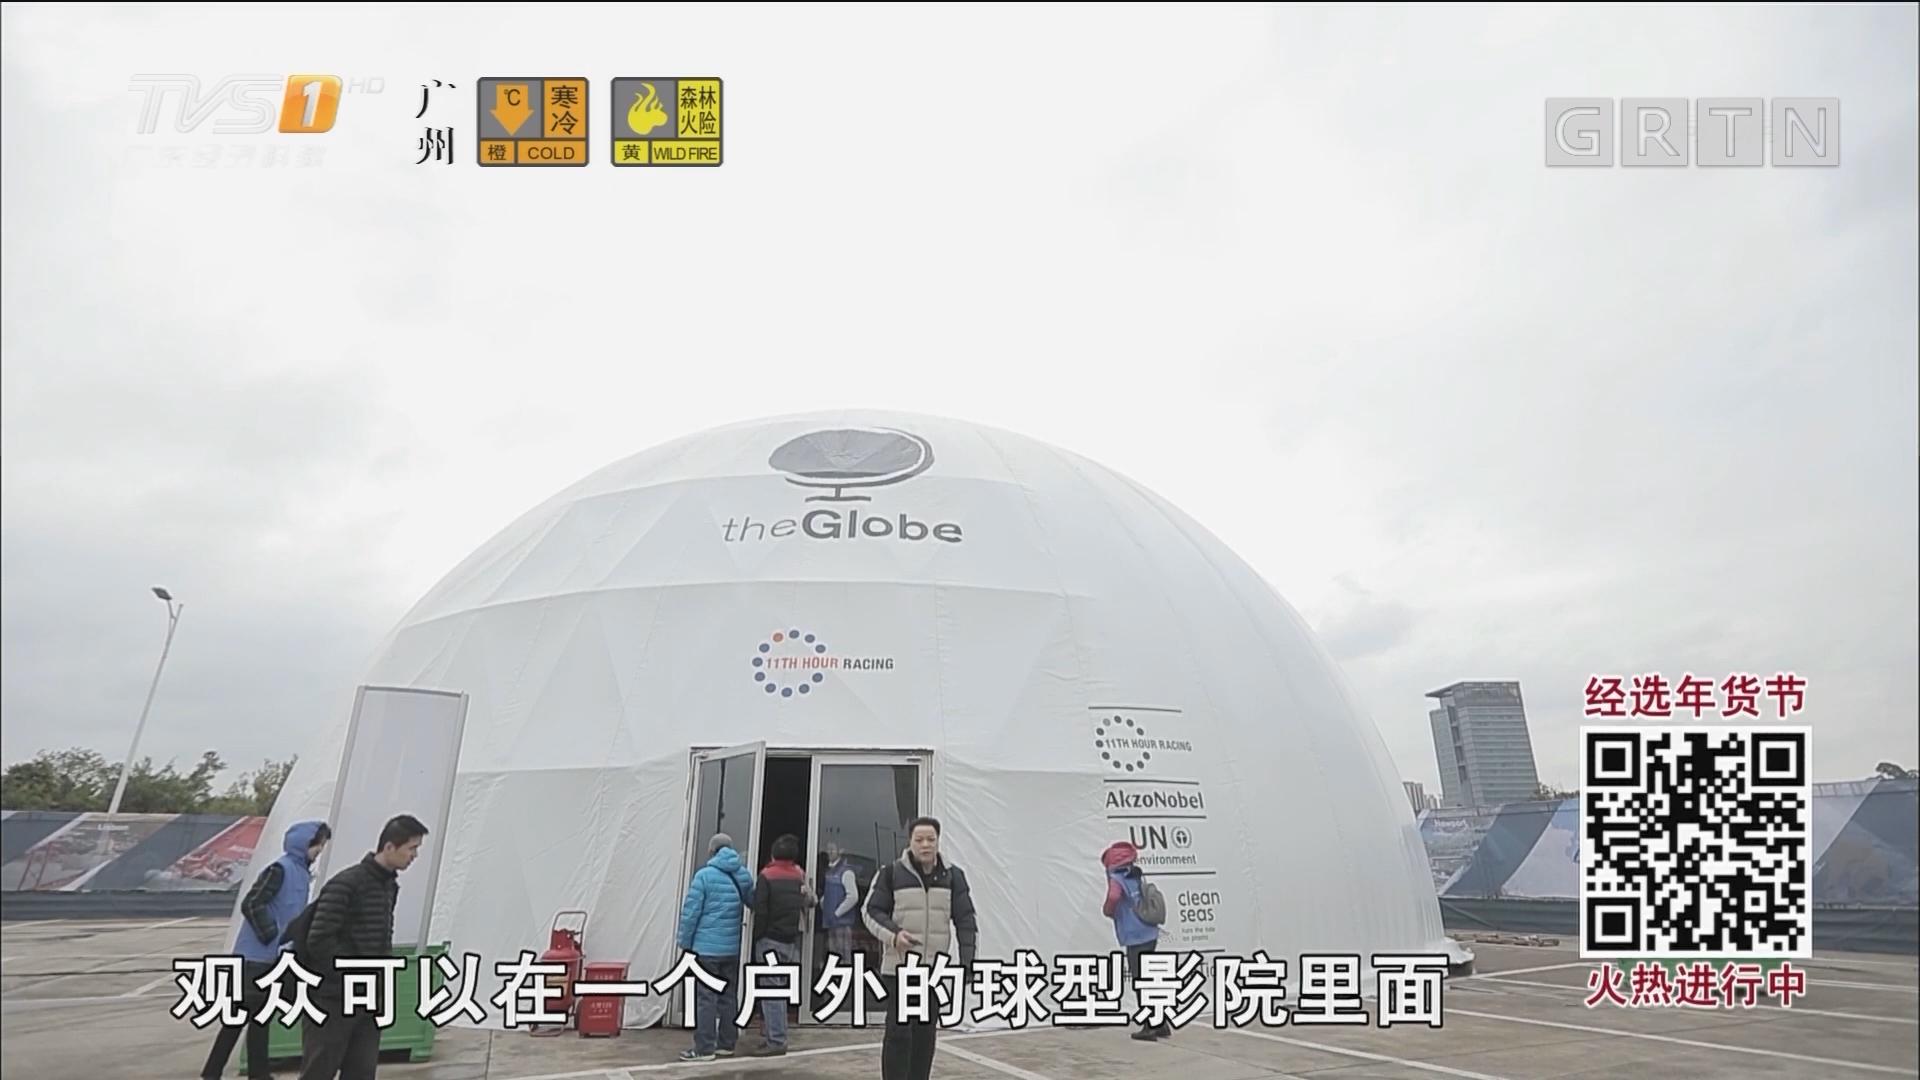 沃尔沃环球帆船赛停靠广州 南沙赛事村准备就绪